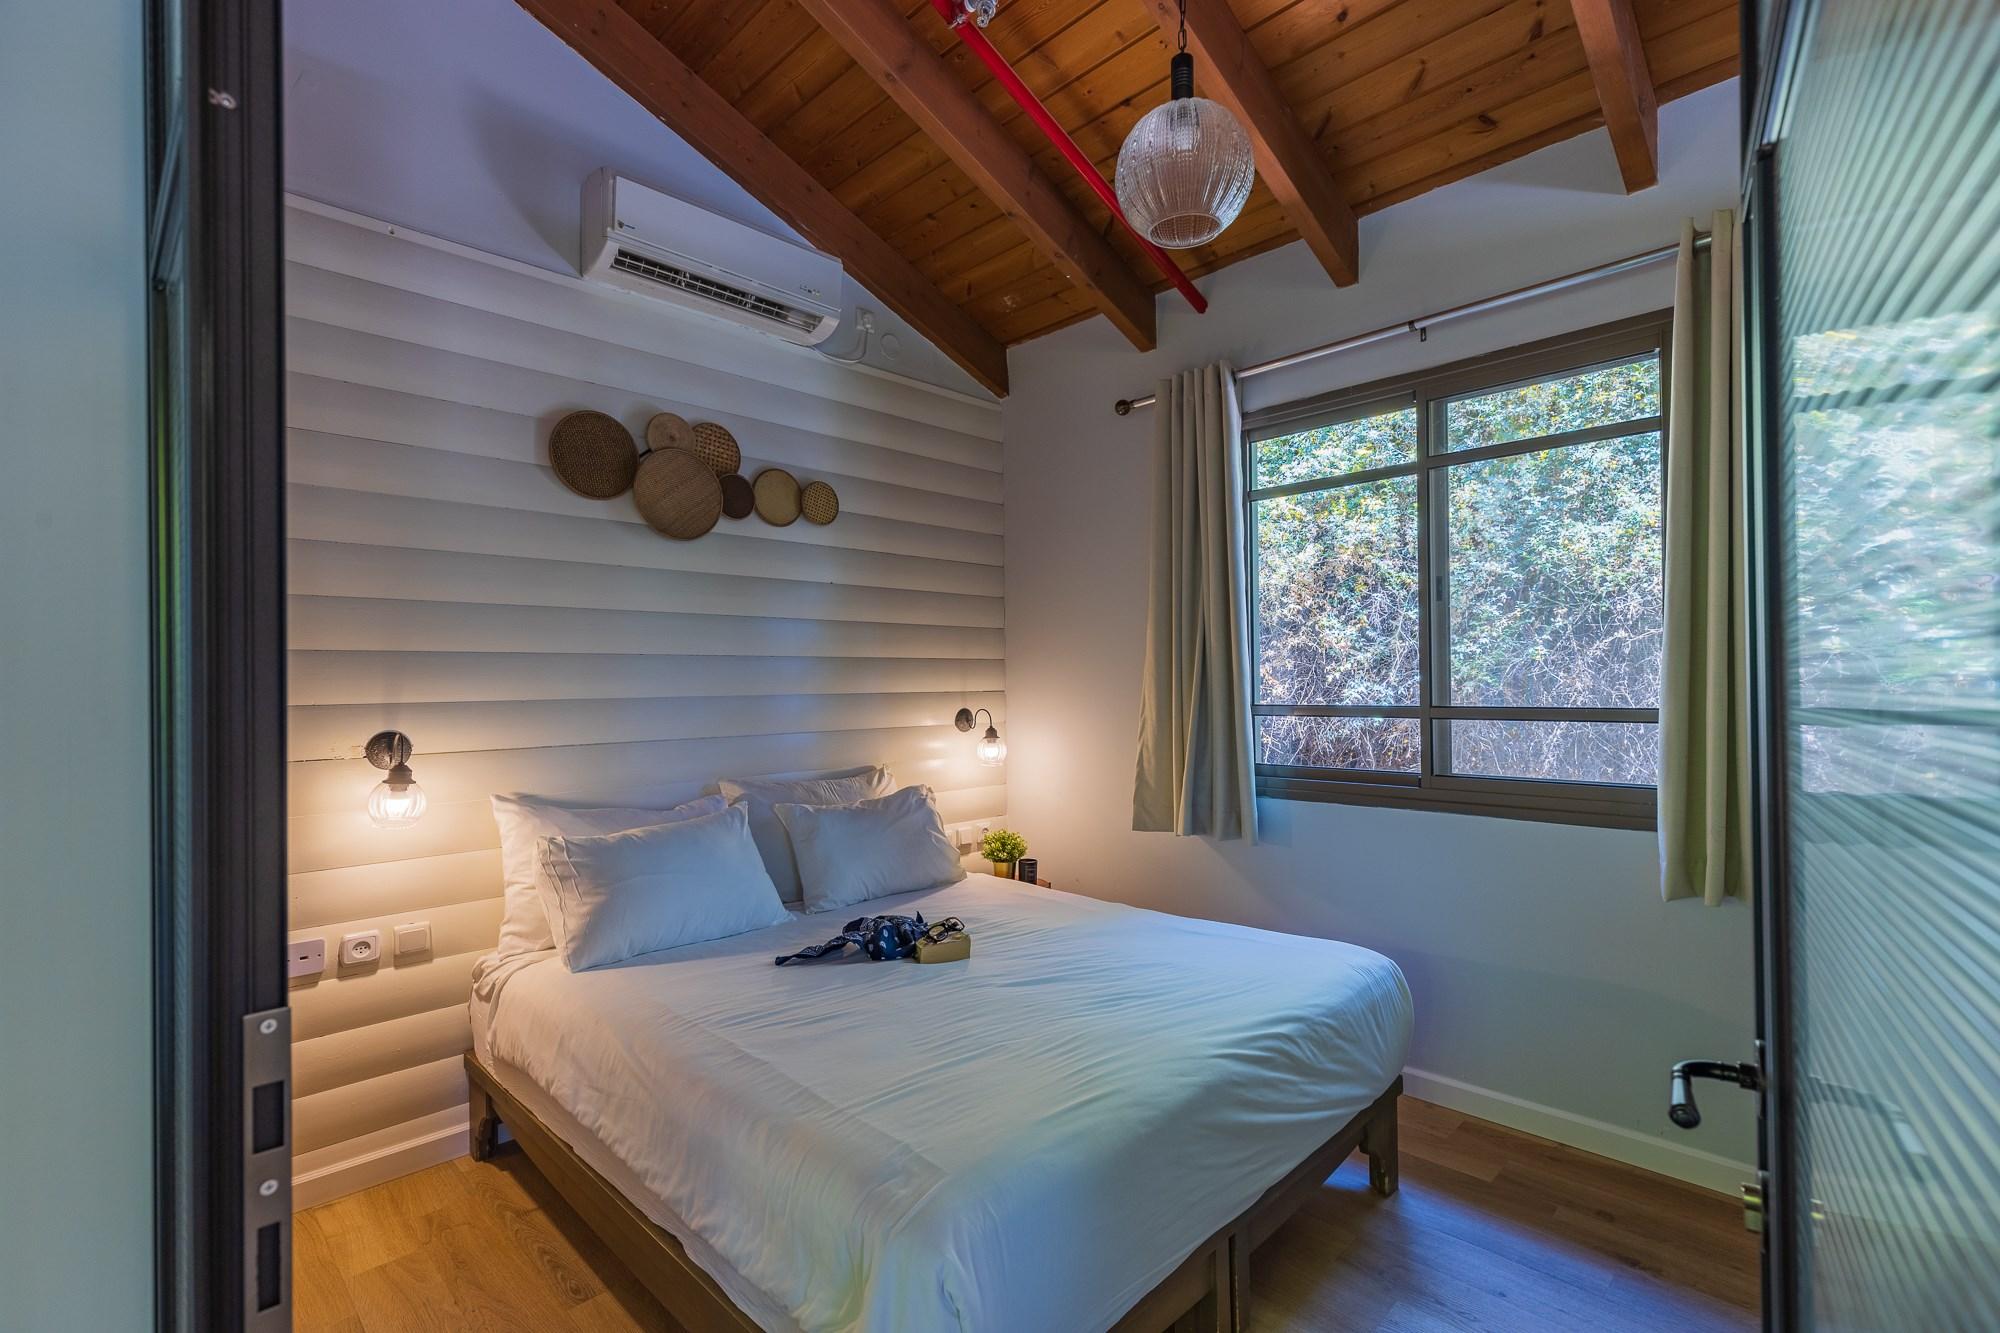 חדר שינה בבקתה החדשה